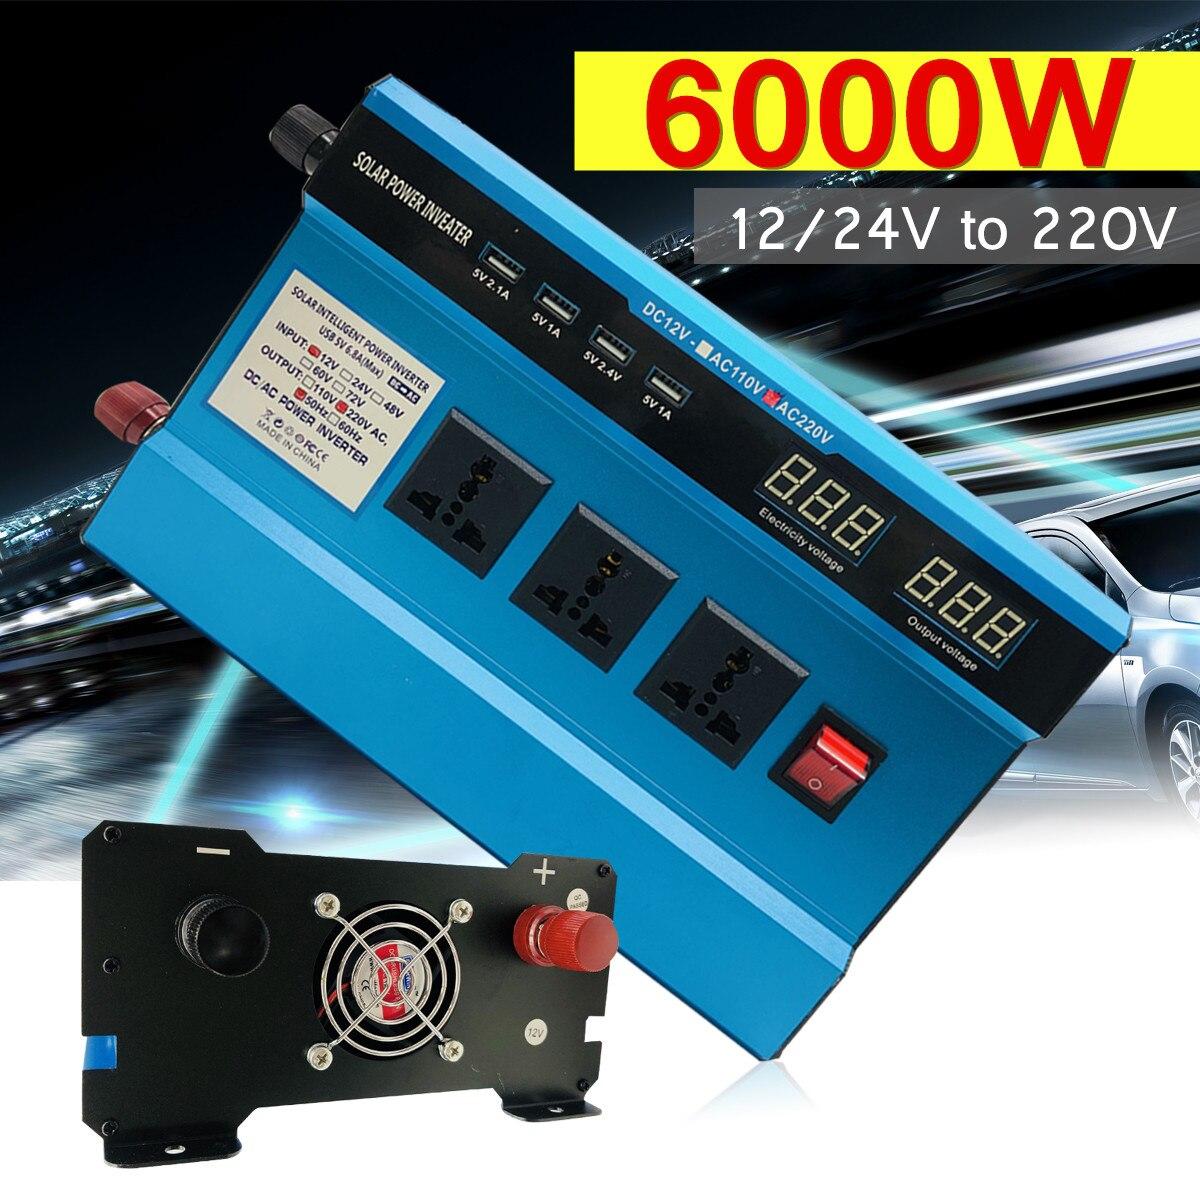 Напряжение трансформатор DC12/24 В к AC220V пик 6000 Вт автомобиль солнечной Мощность инвертор синусоида USB цифровой преобразователь Дисплей защит...